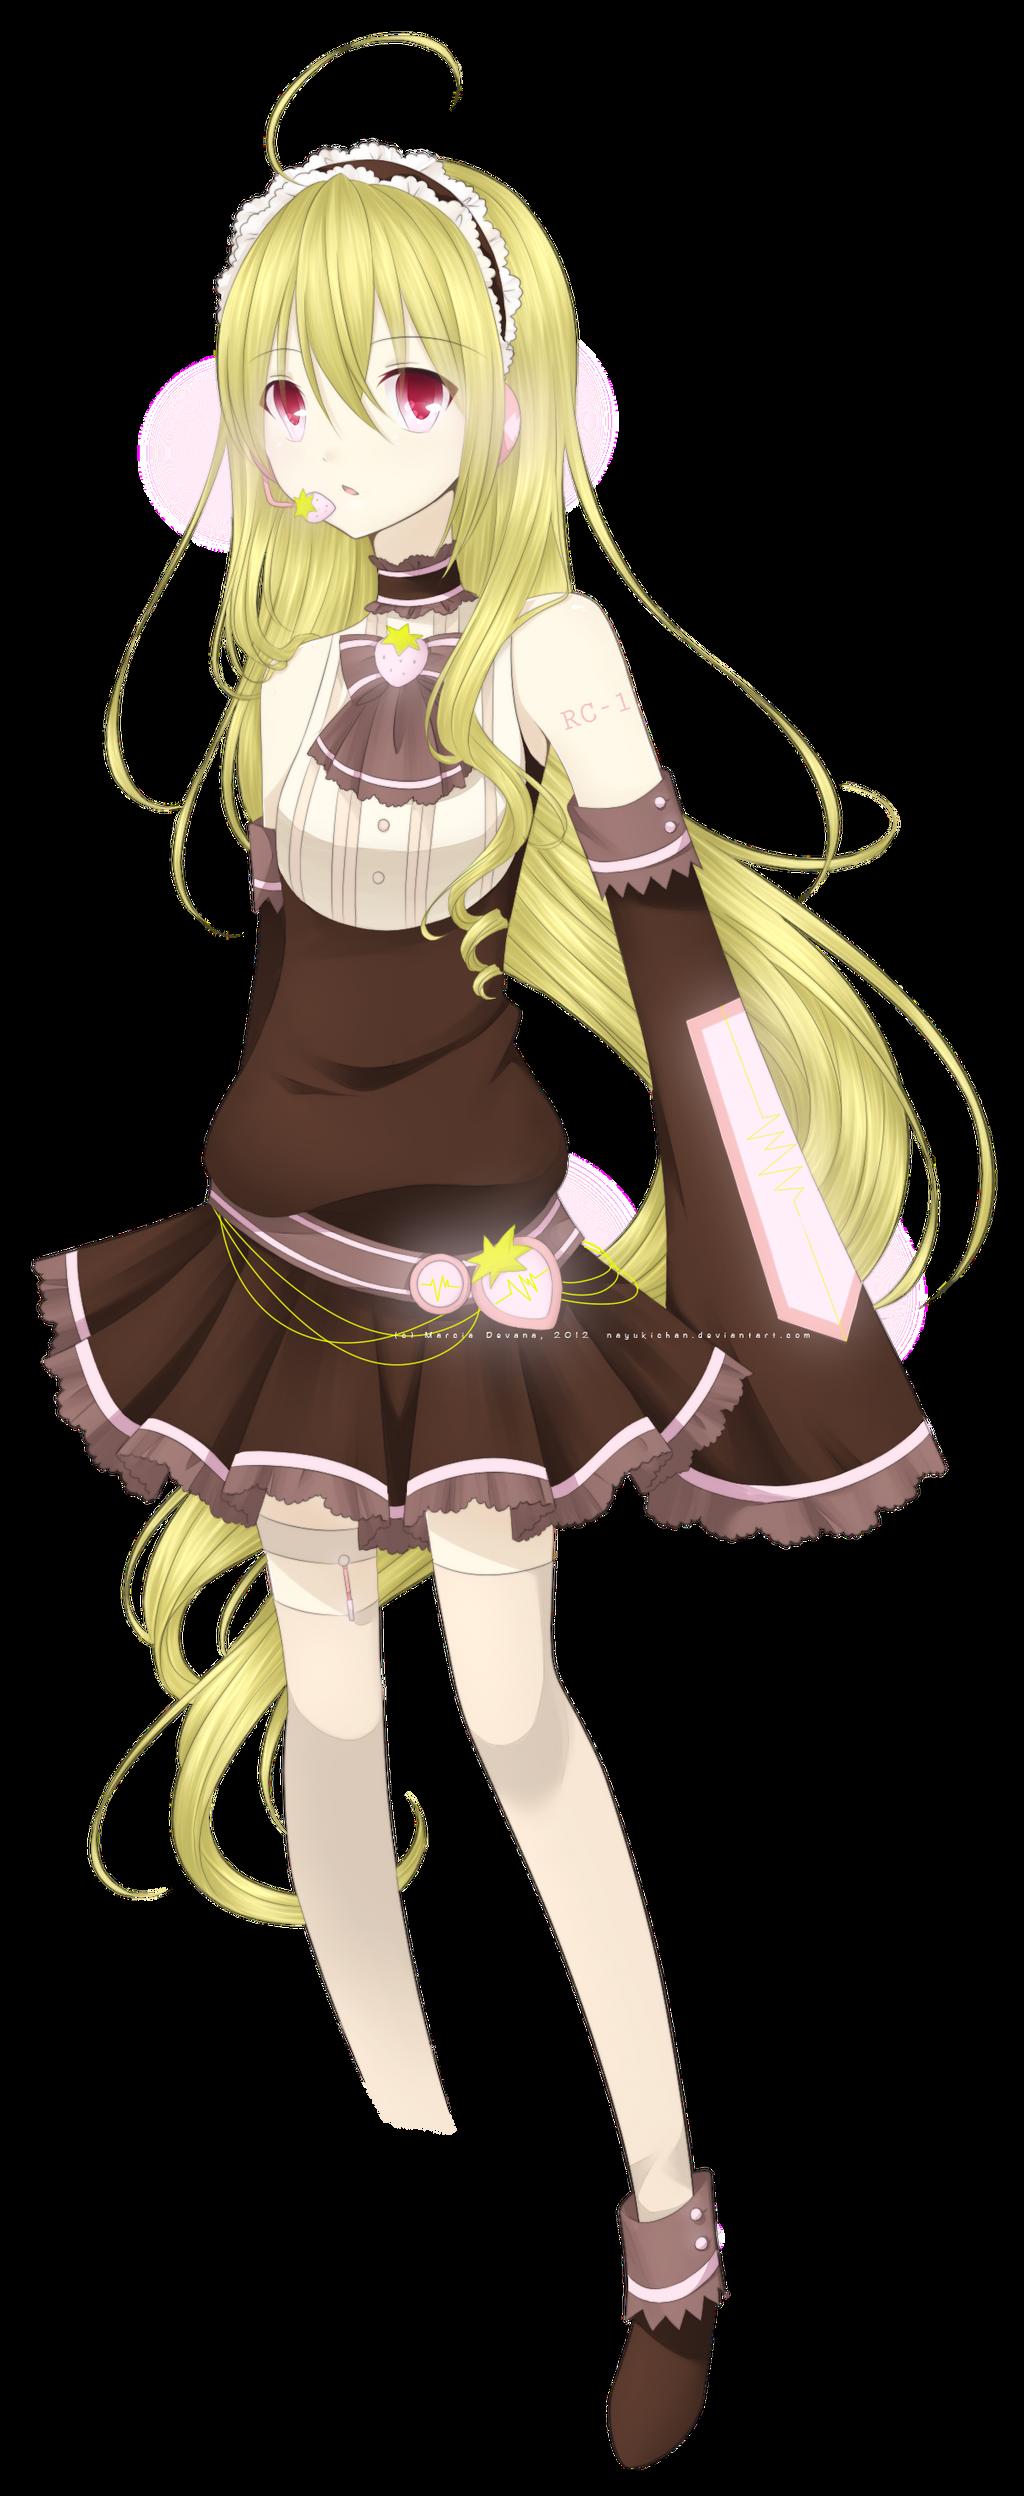 Nozomine 'Mai Uta' Mai by NayukiMarcia